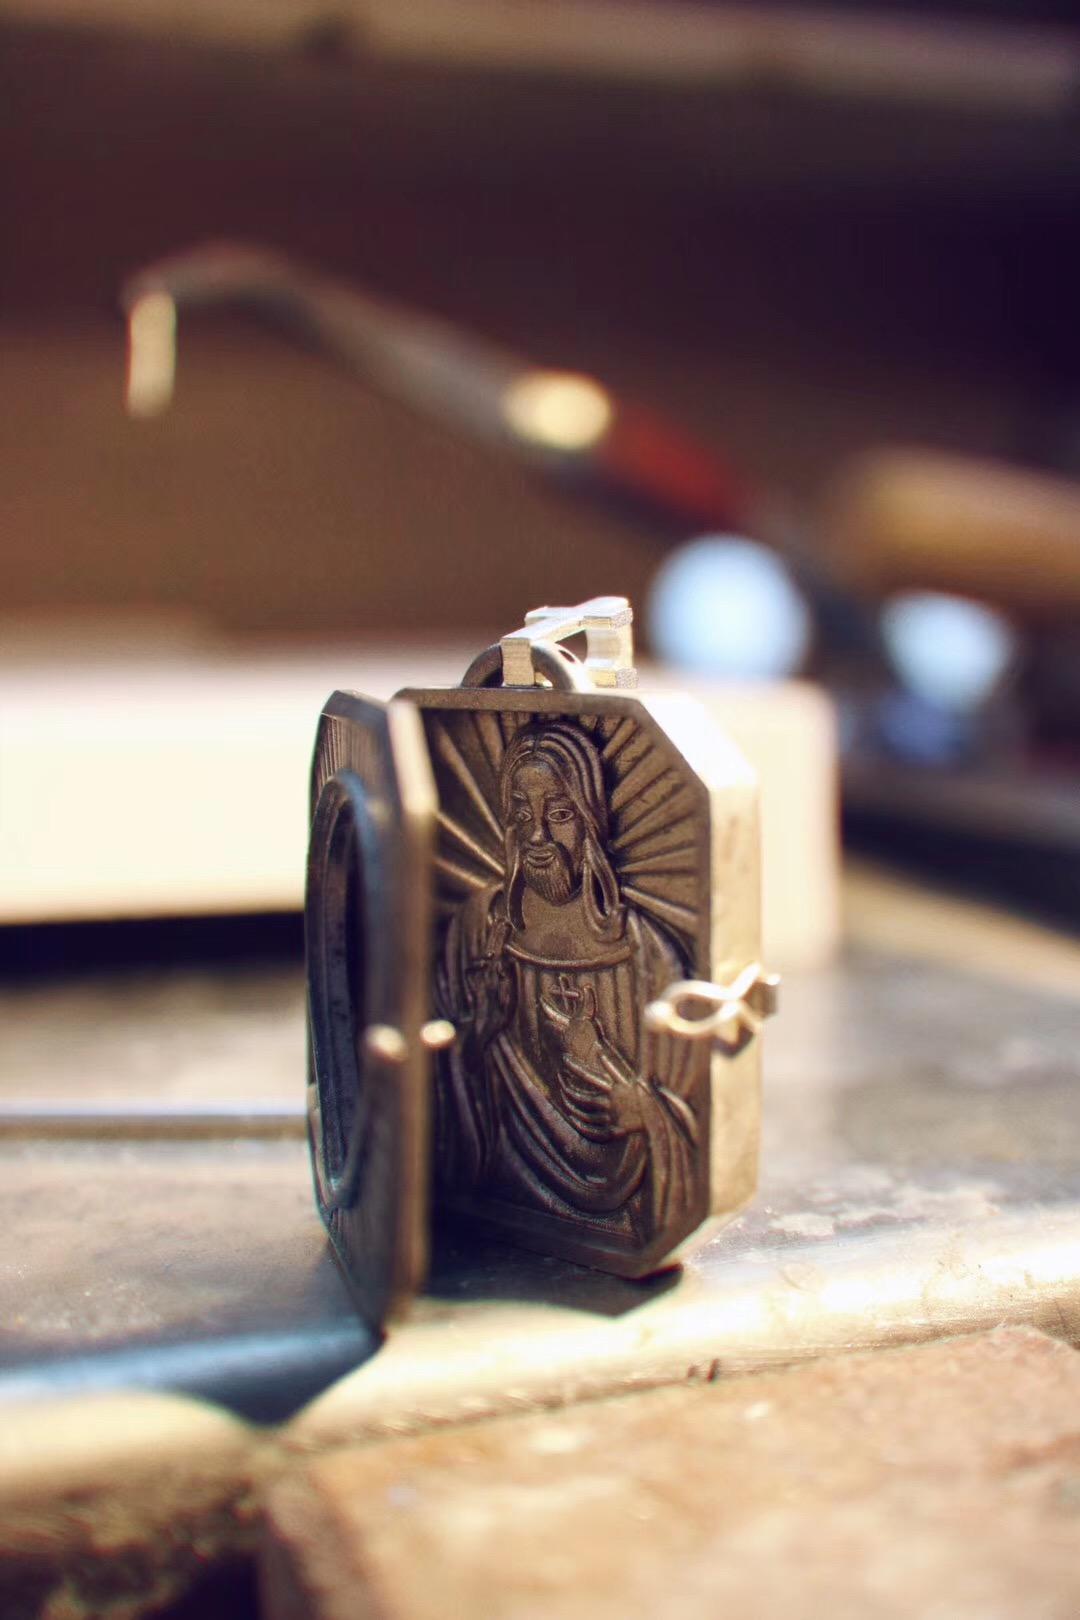 【菩心 火玛瑙】耶稣火玛瑙挂坠定制即将完工-菩心晶舍